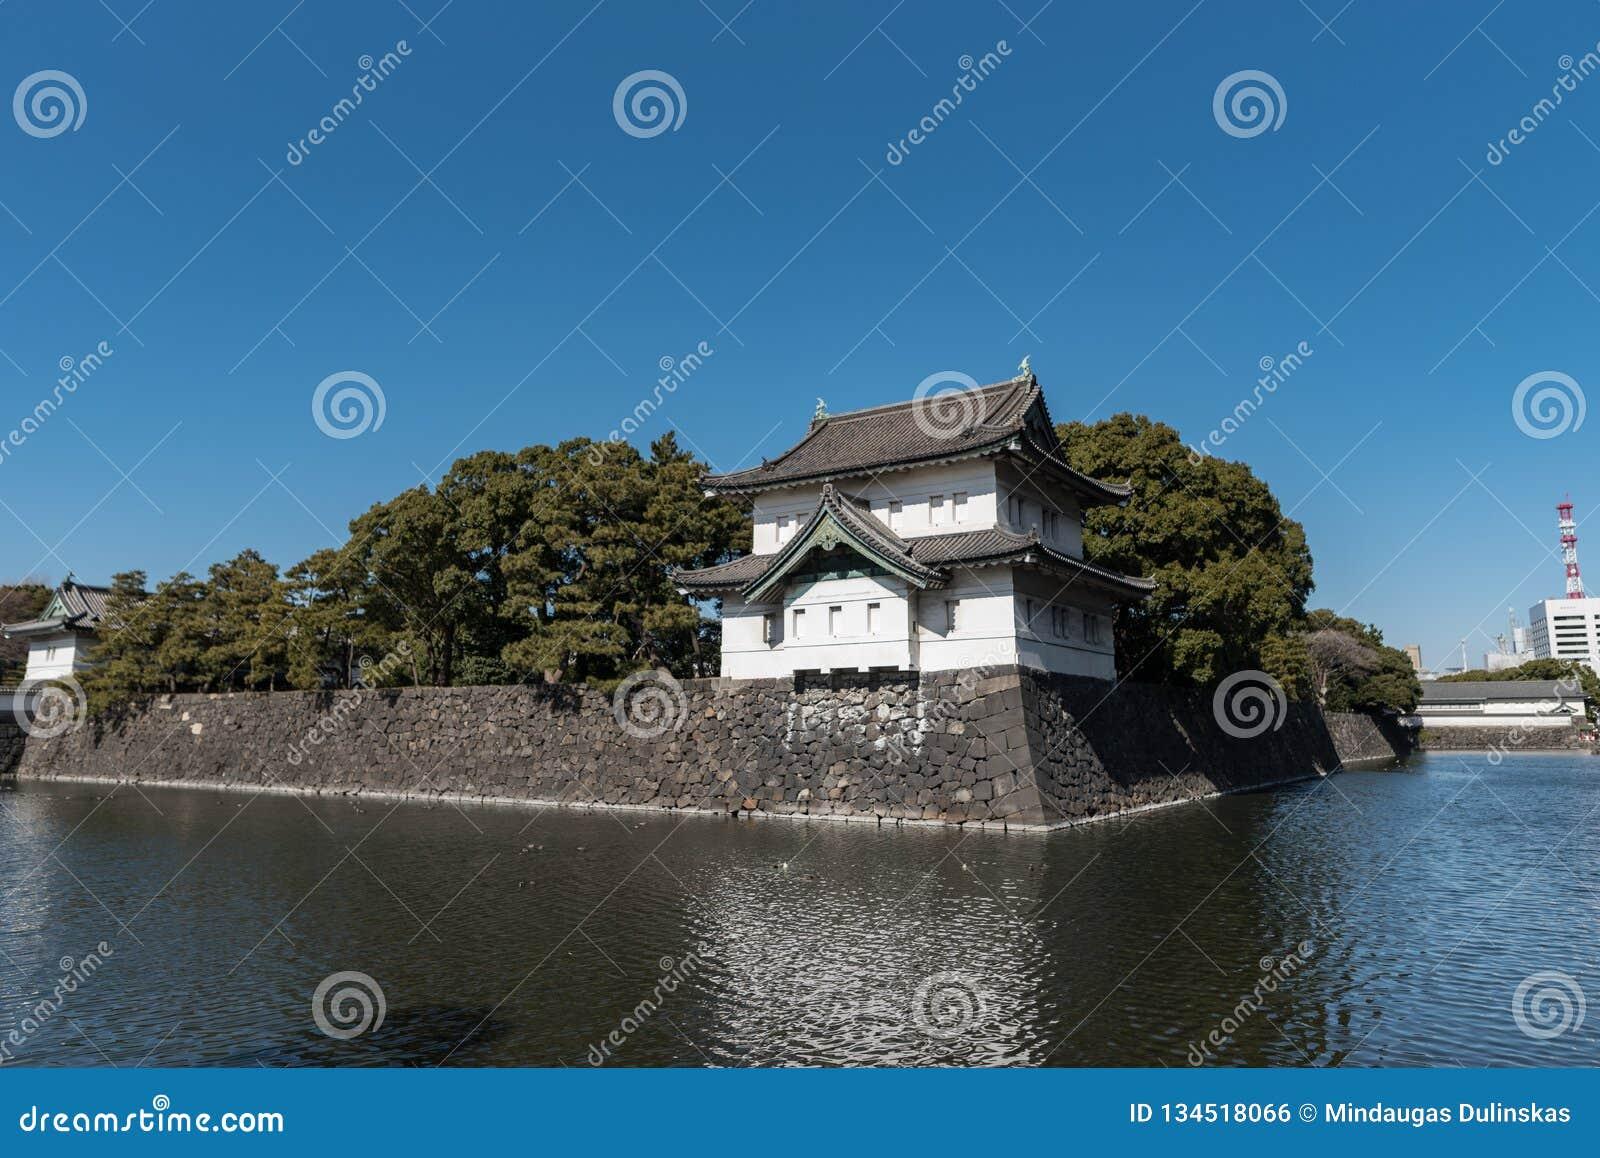 Αυτοκρατορικό παλάτι του Τόκιο στο Τόκιο, Ιαπωνία